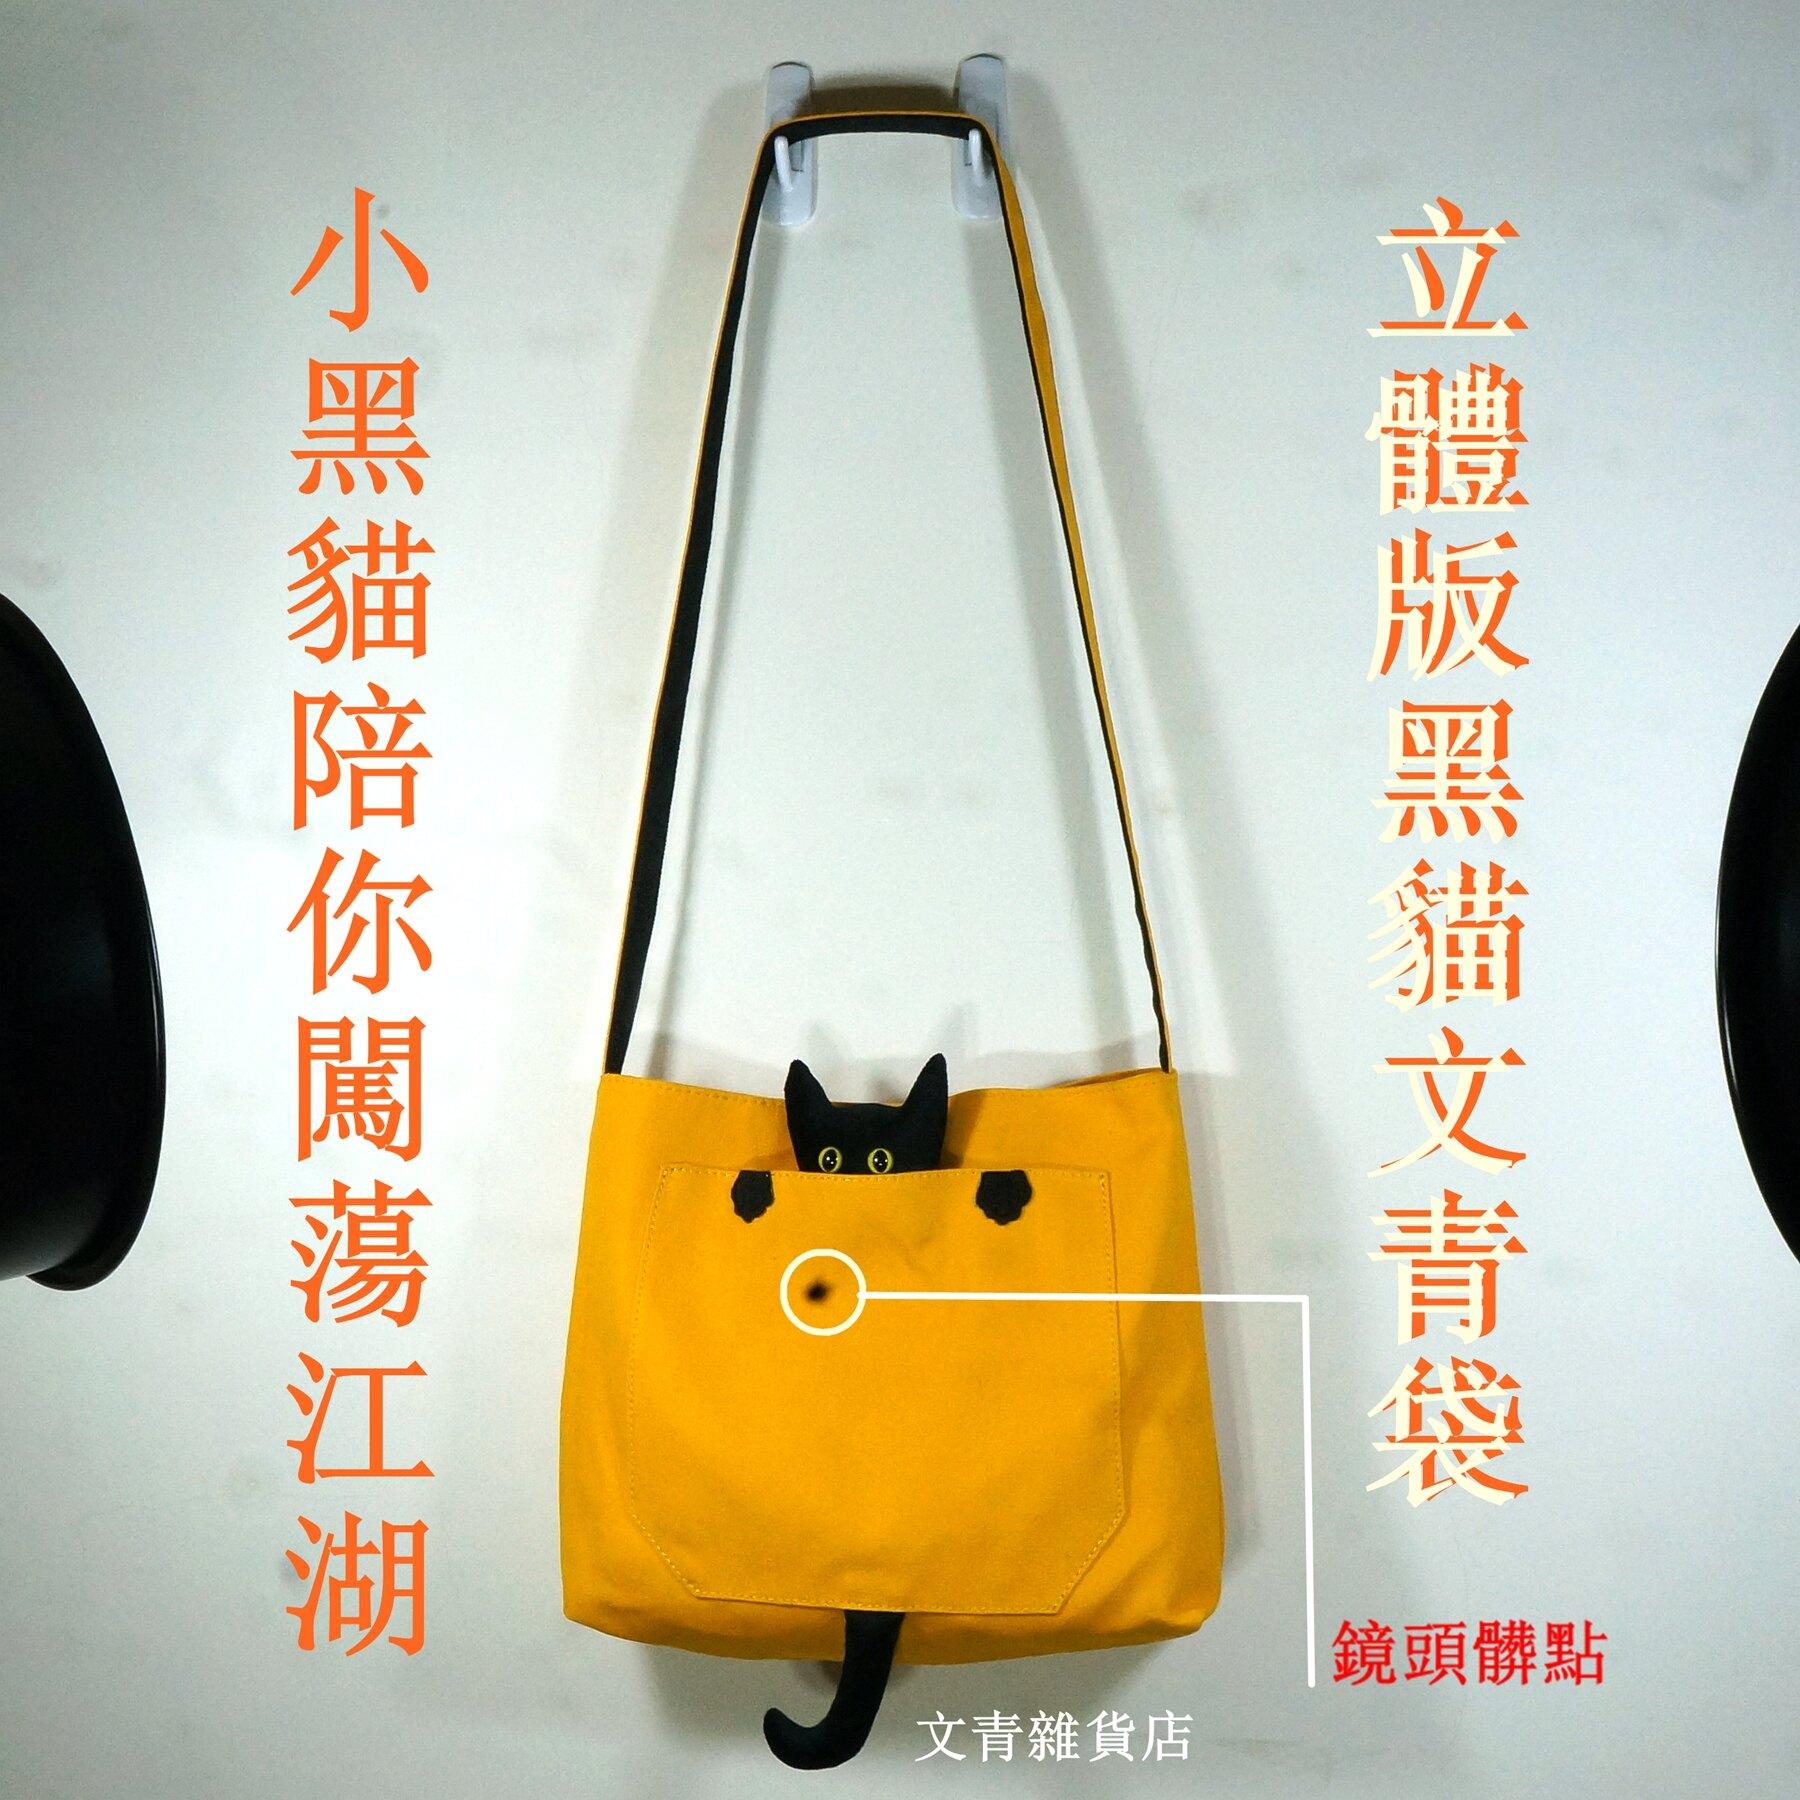 文青雜貨店新上架  黑貓撞色包~立體黑貓躲在陽光黃的帆布包 輕便好用超吸睛!